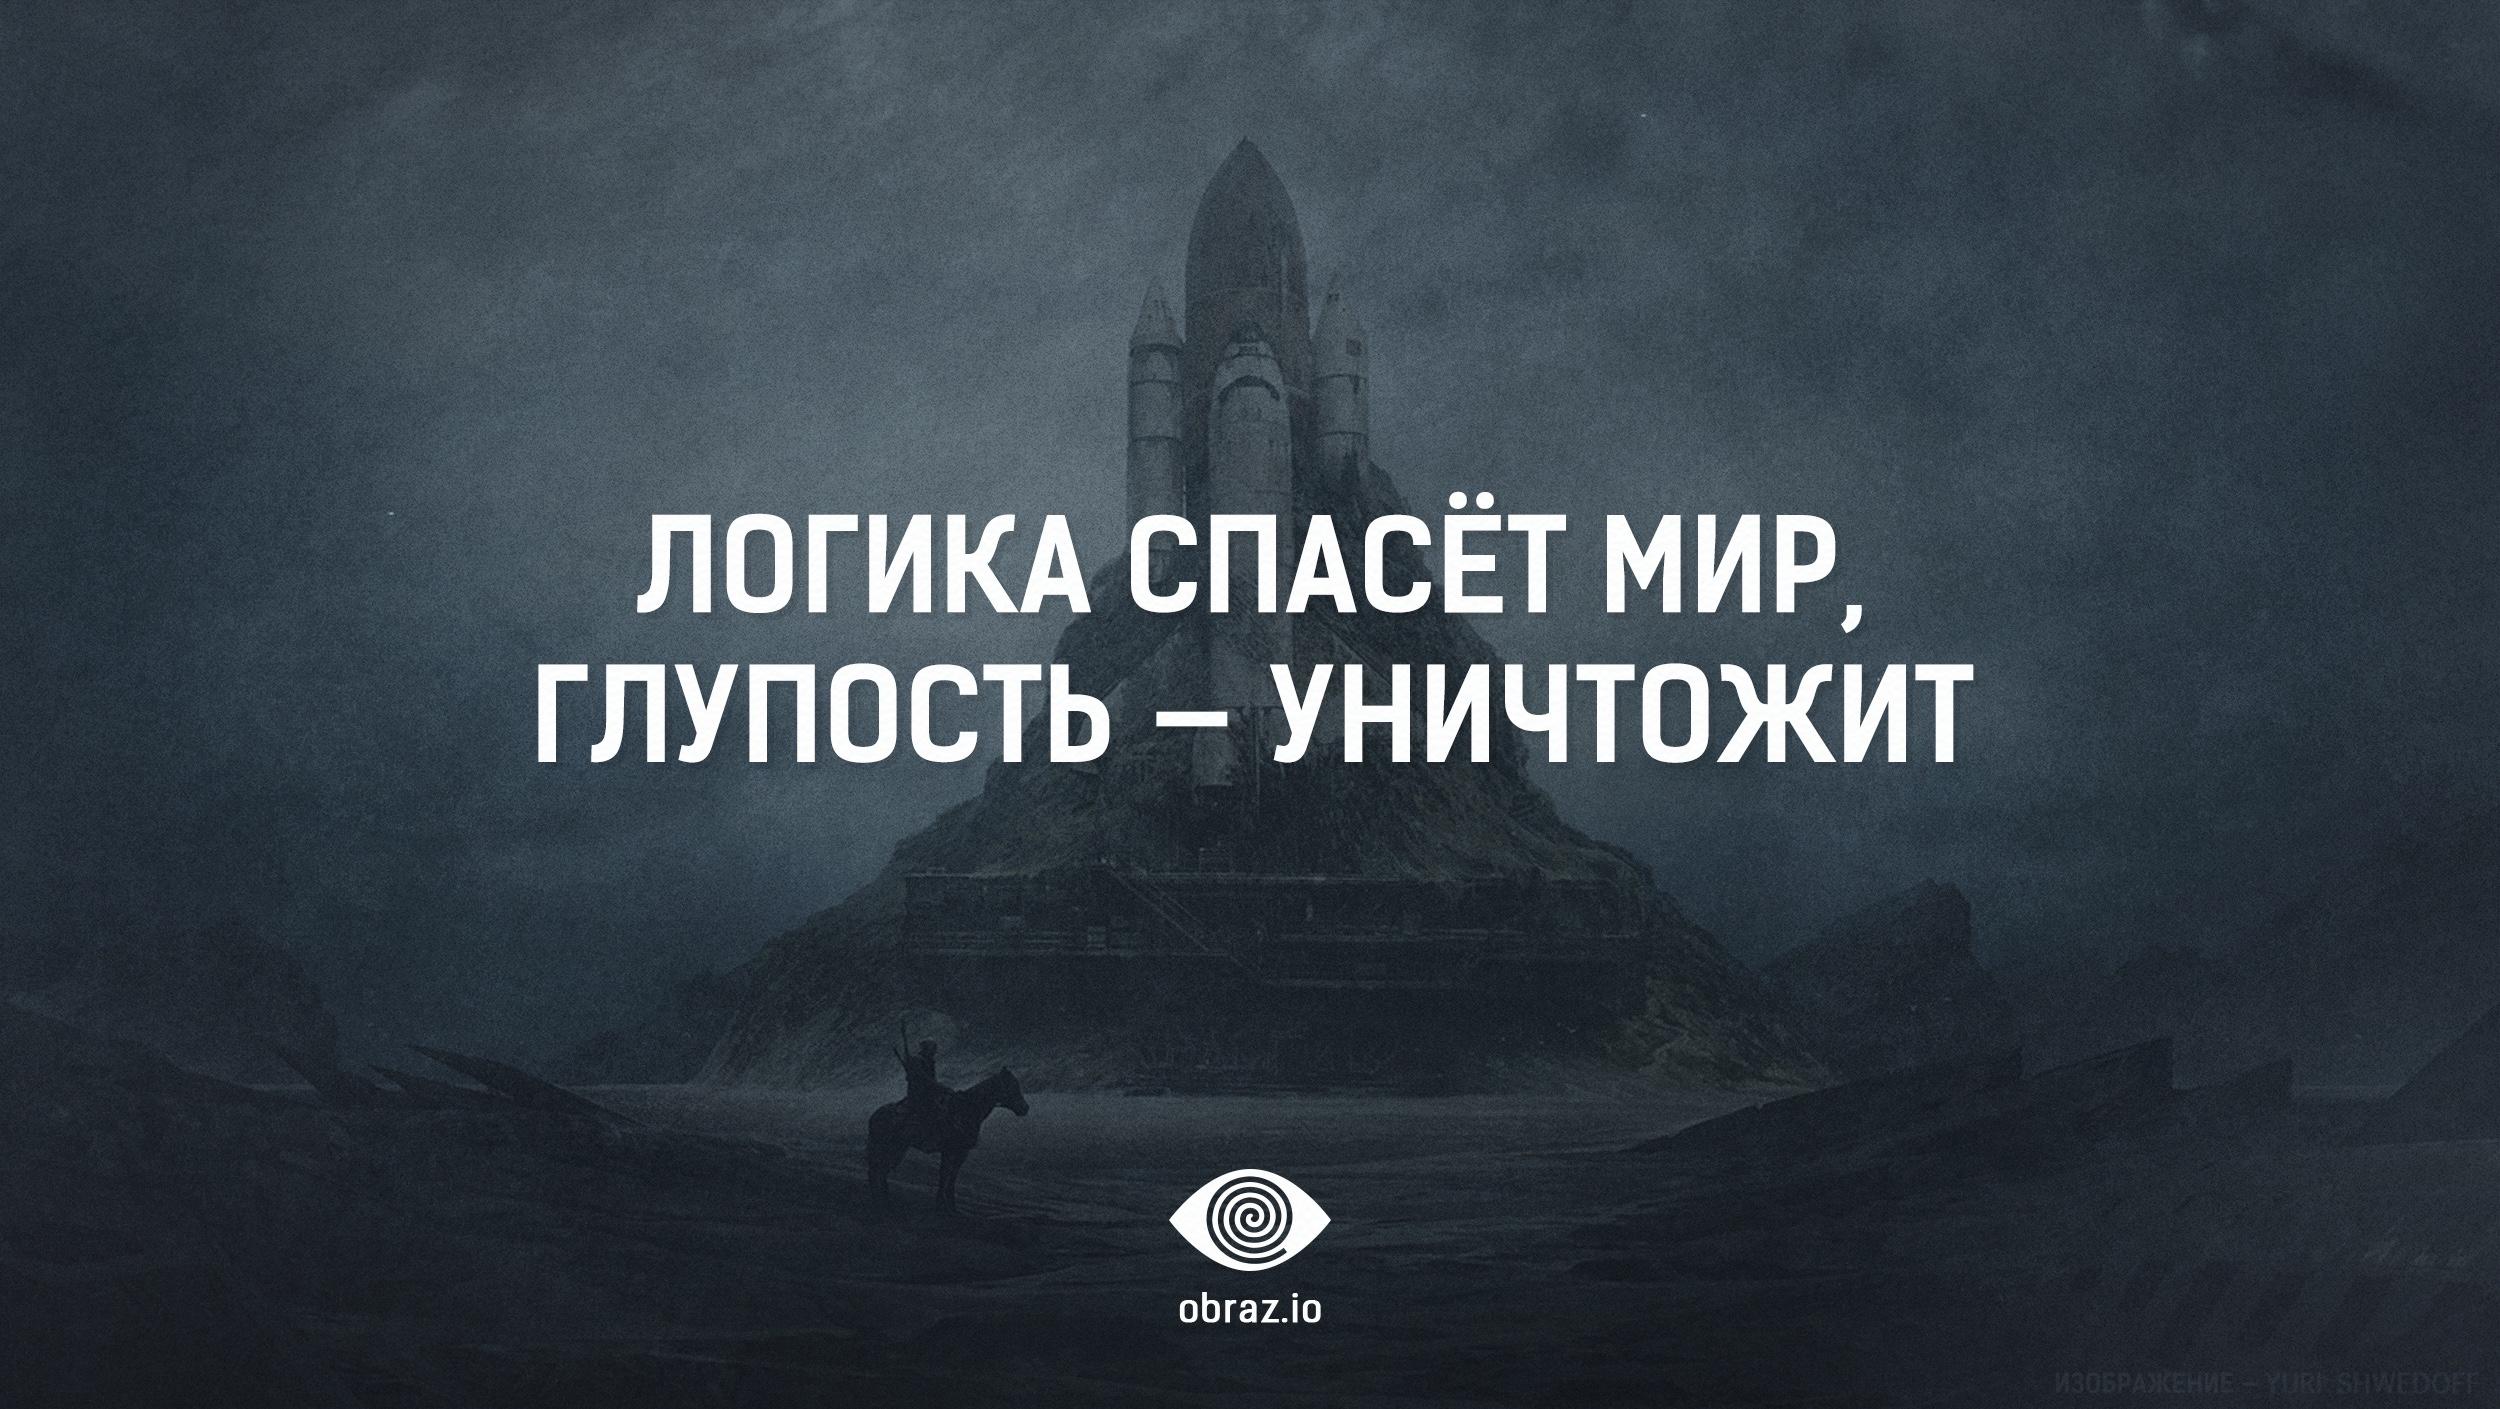 Email:learningkurakov@gmail com3292 cr3896.276jqq6w29